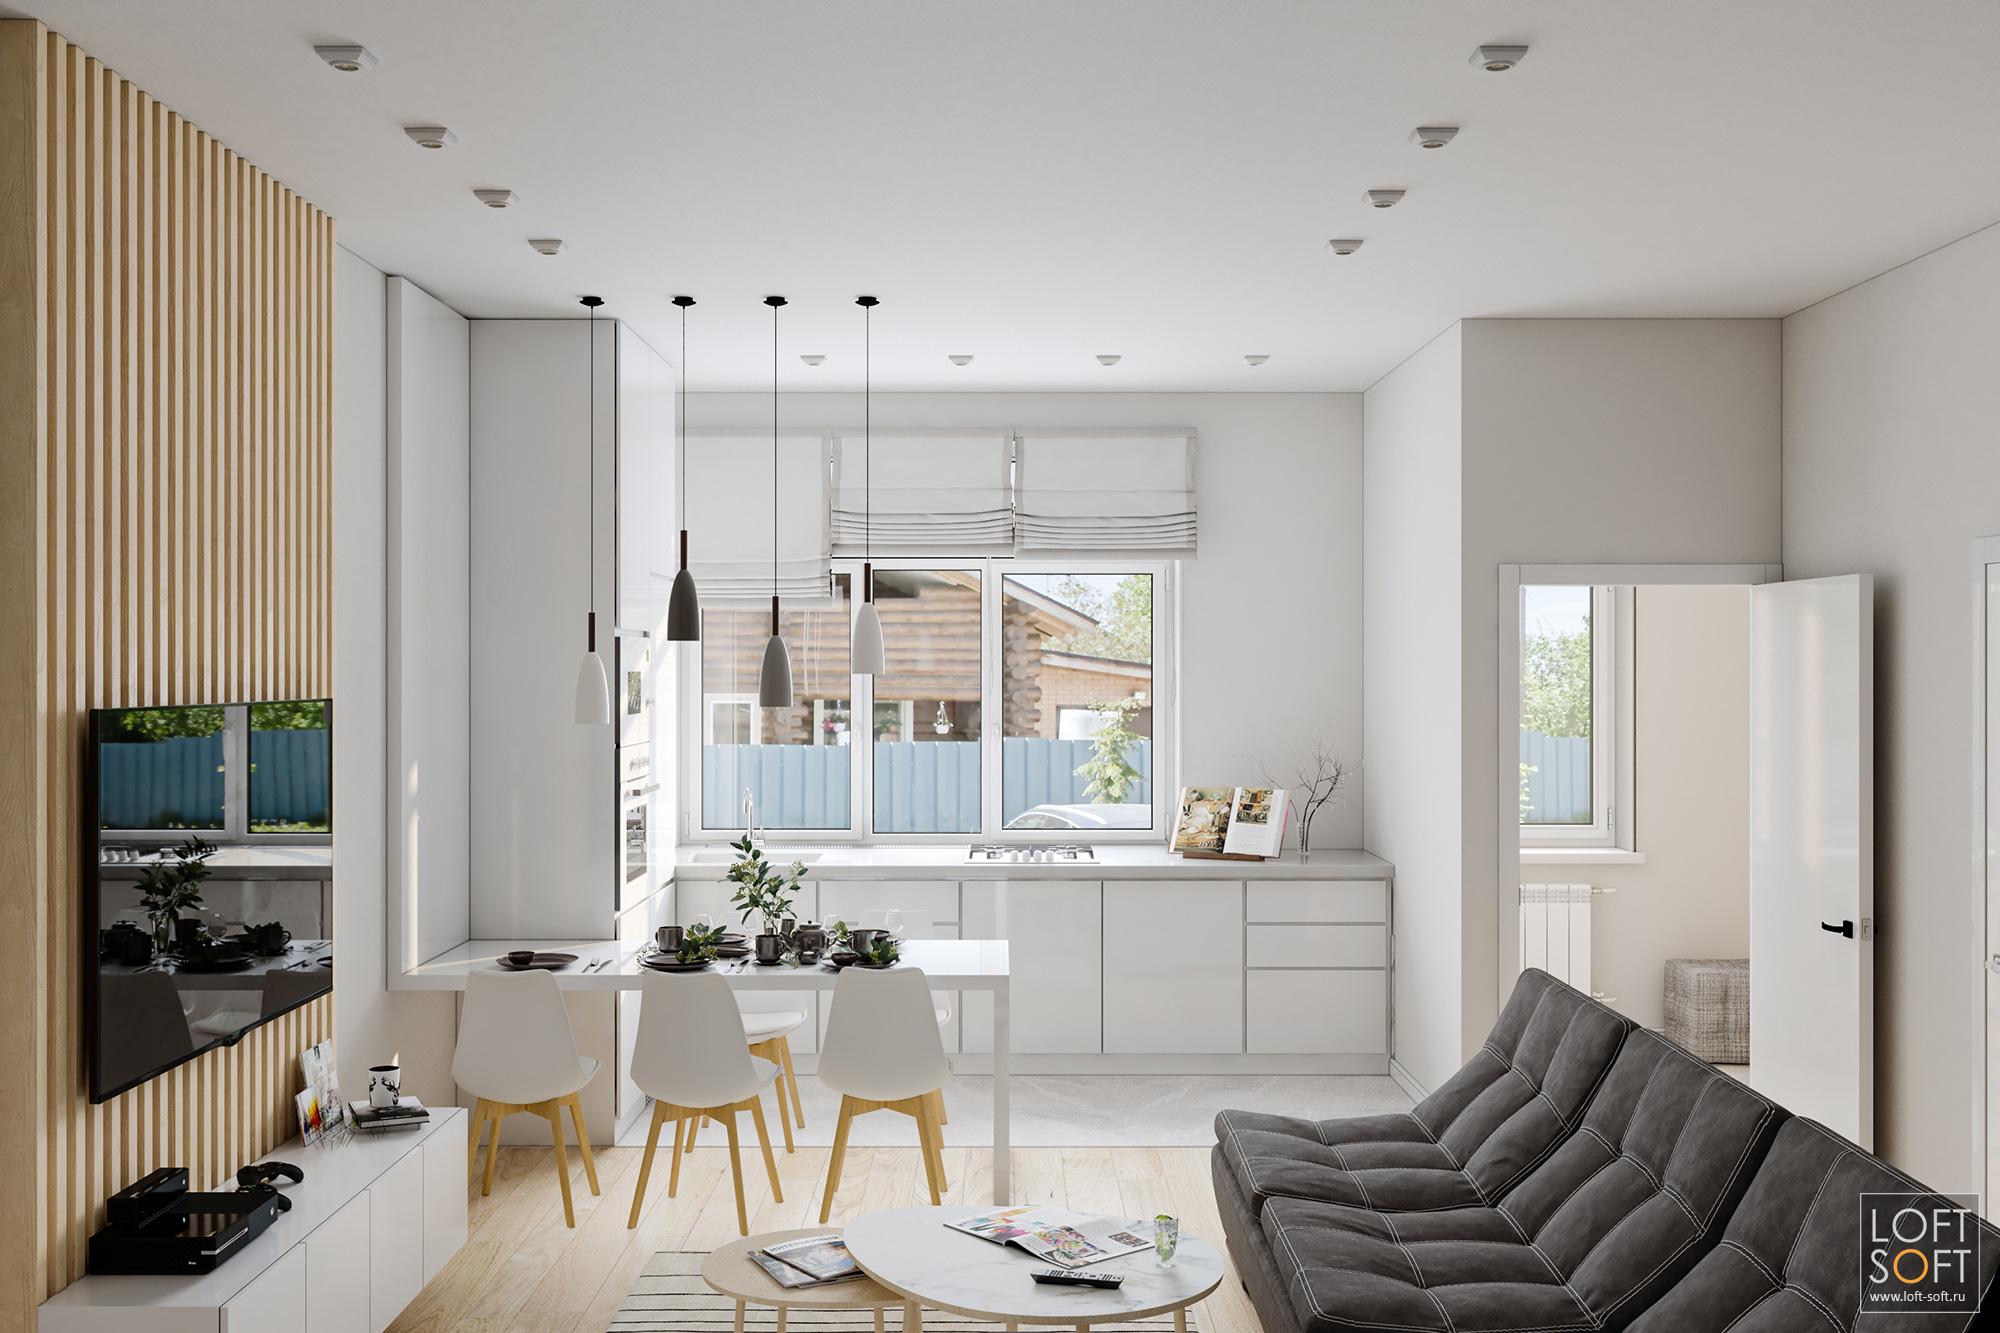 современный минимализм винтерьере, светлая кухня, белая мебель